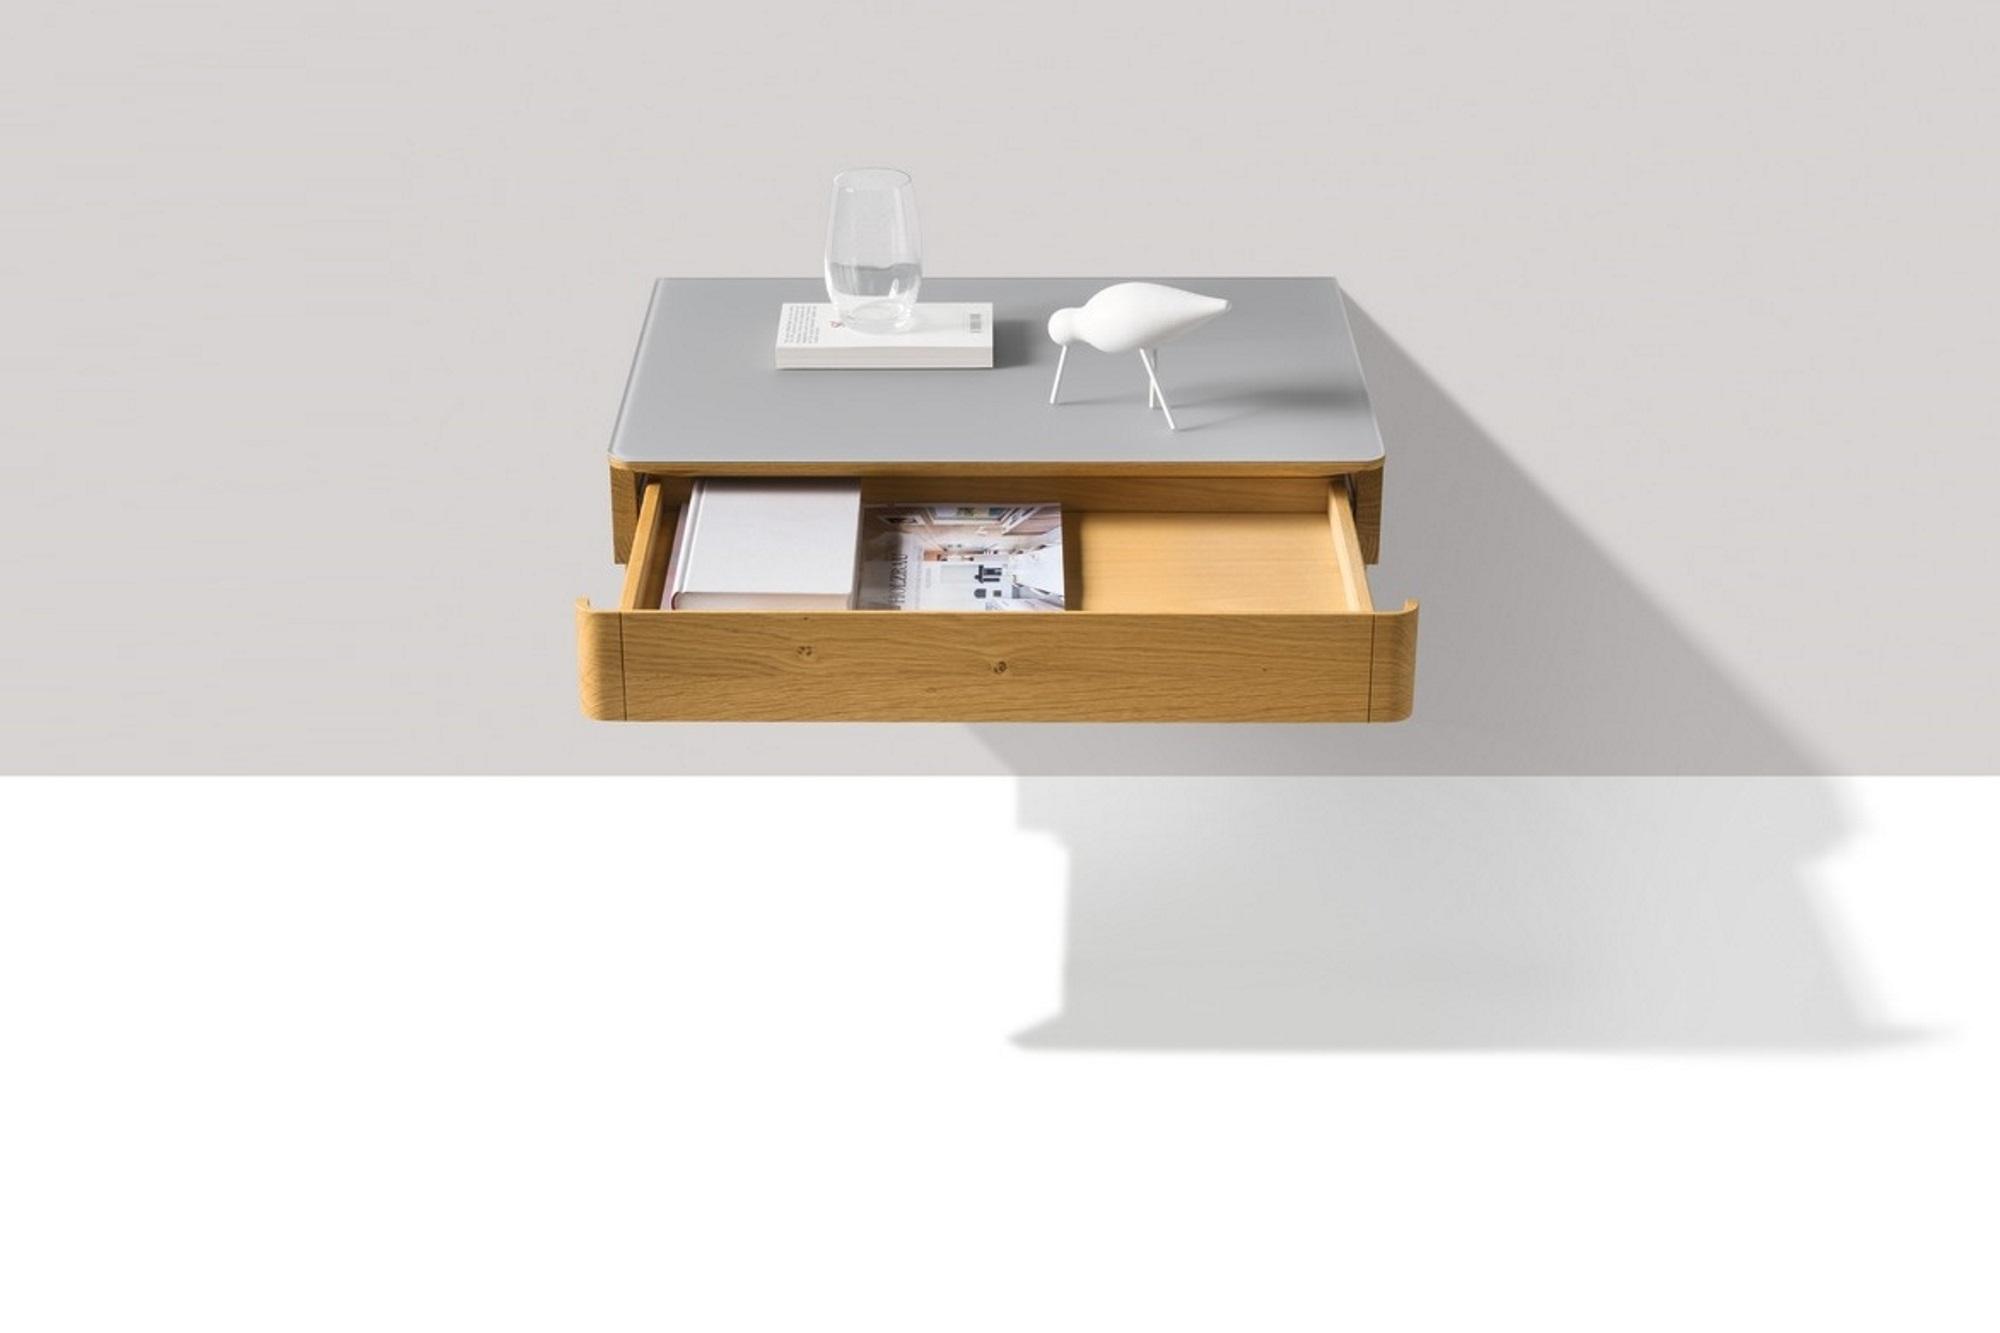 Nachttisch Schwebend Nachttisch Schwebend Elegant Ikea Malm Bett